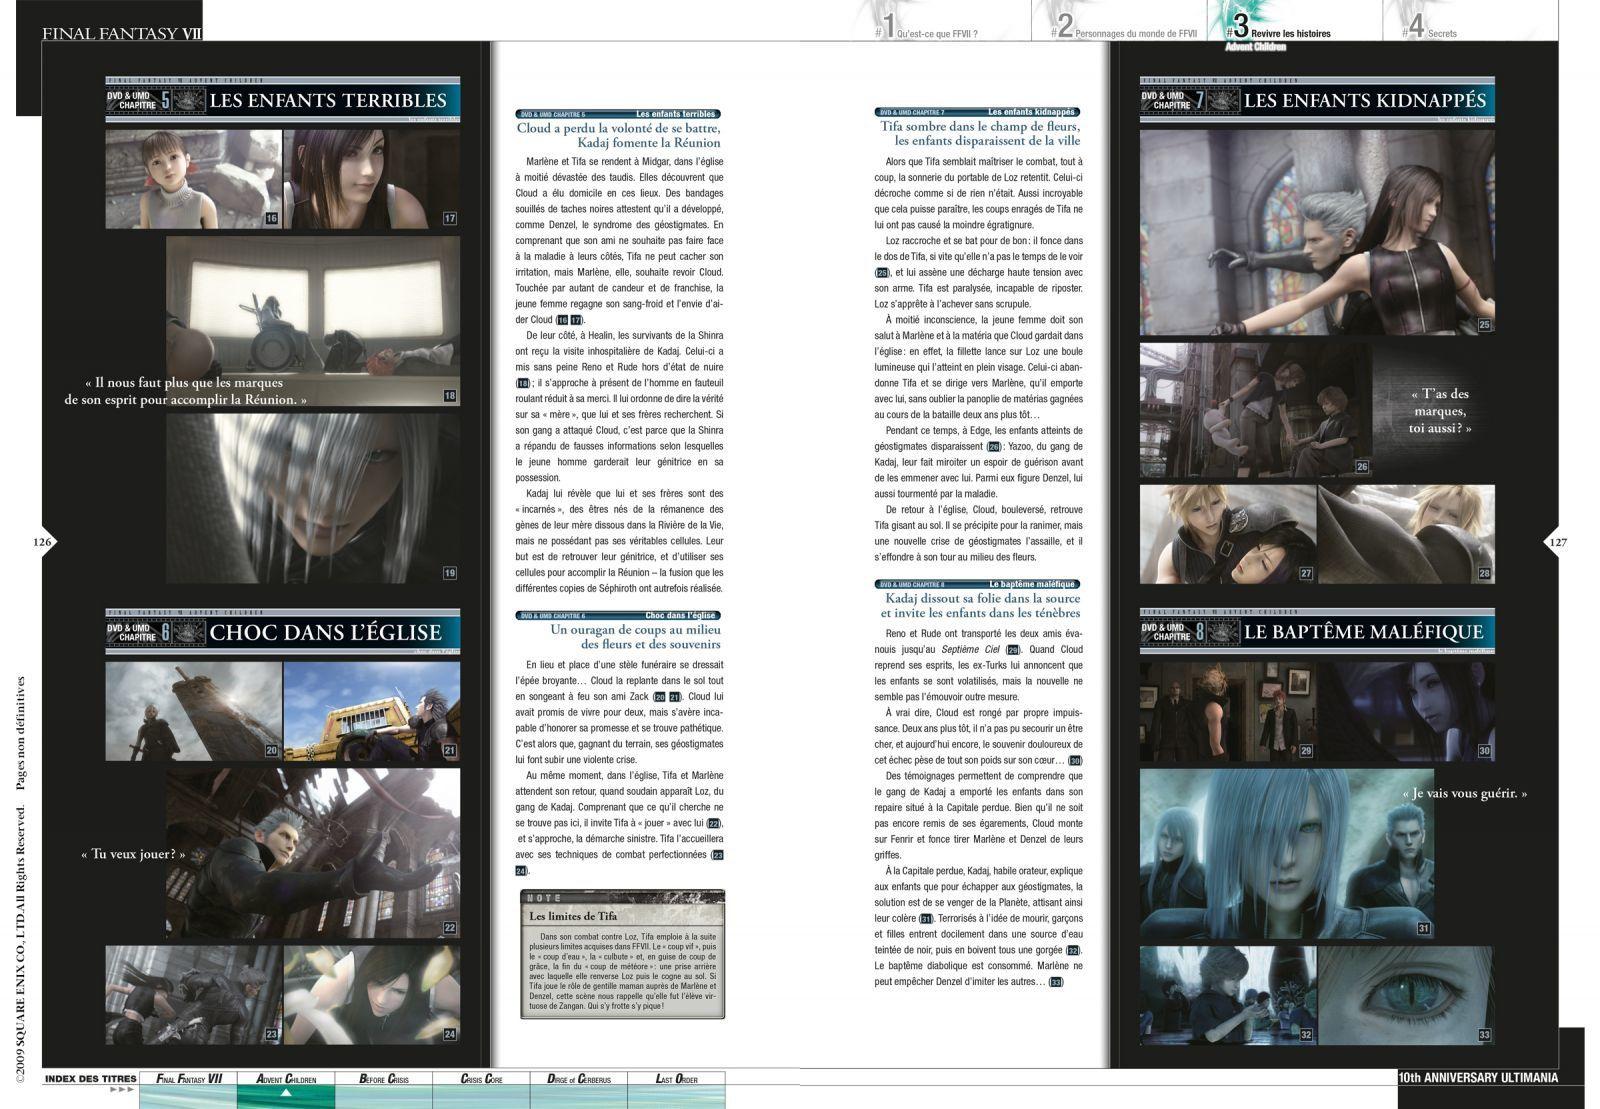 """Extraits du livre """"FINAL FANTASY avec FINAL FANTASY VII ULTIMANIA"""" aux éditions Mana Books"""